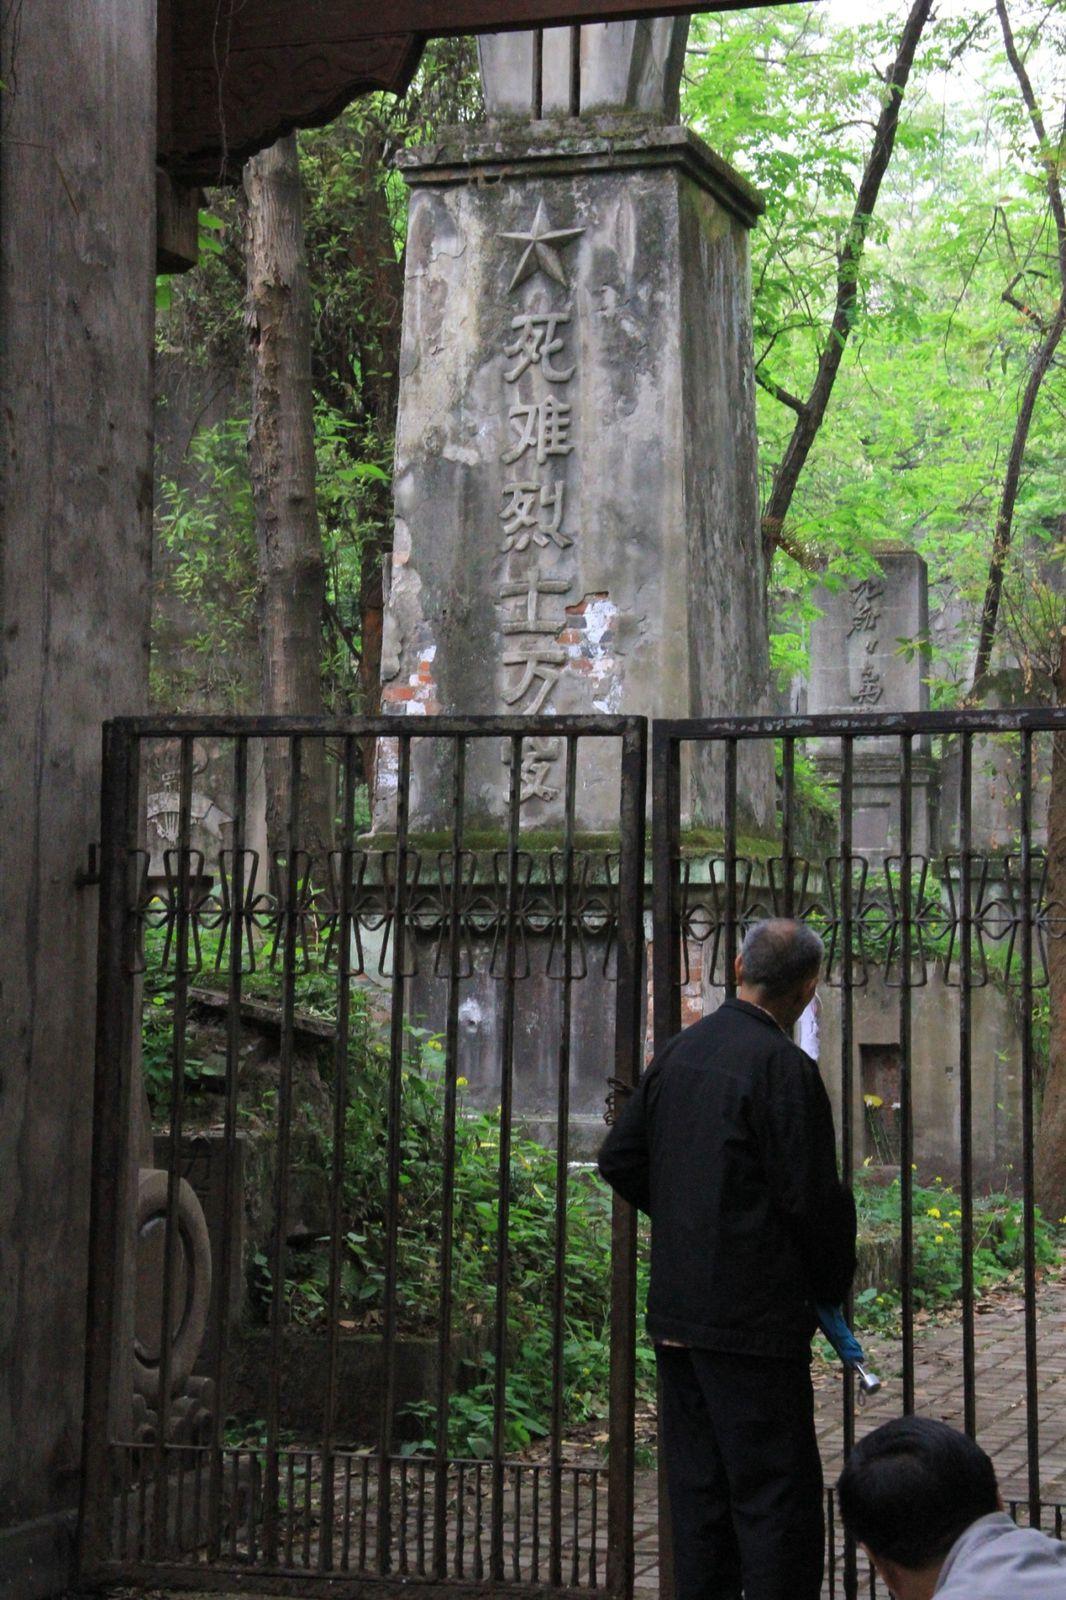 Shapingba (沙评坝) et le cimetière abandonné.